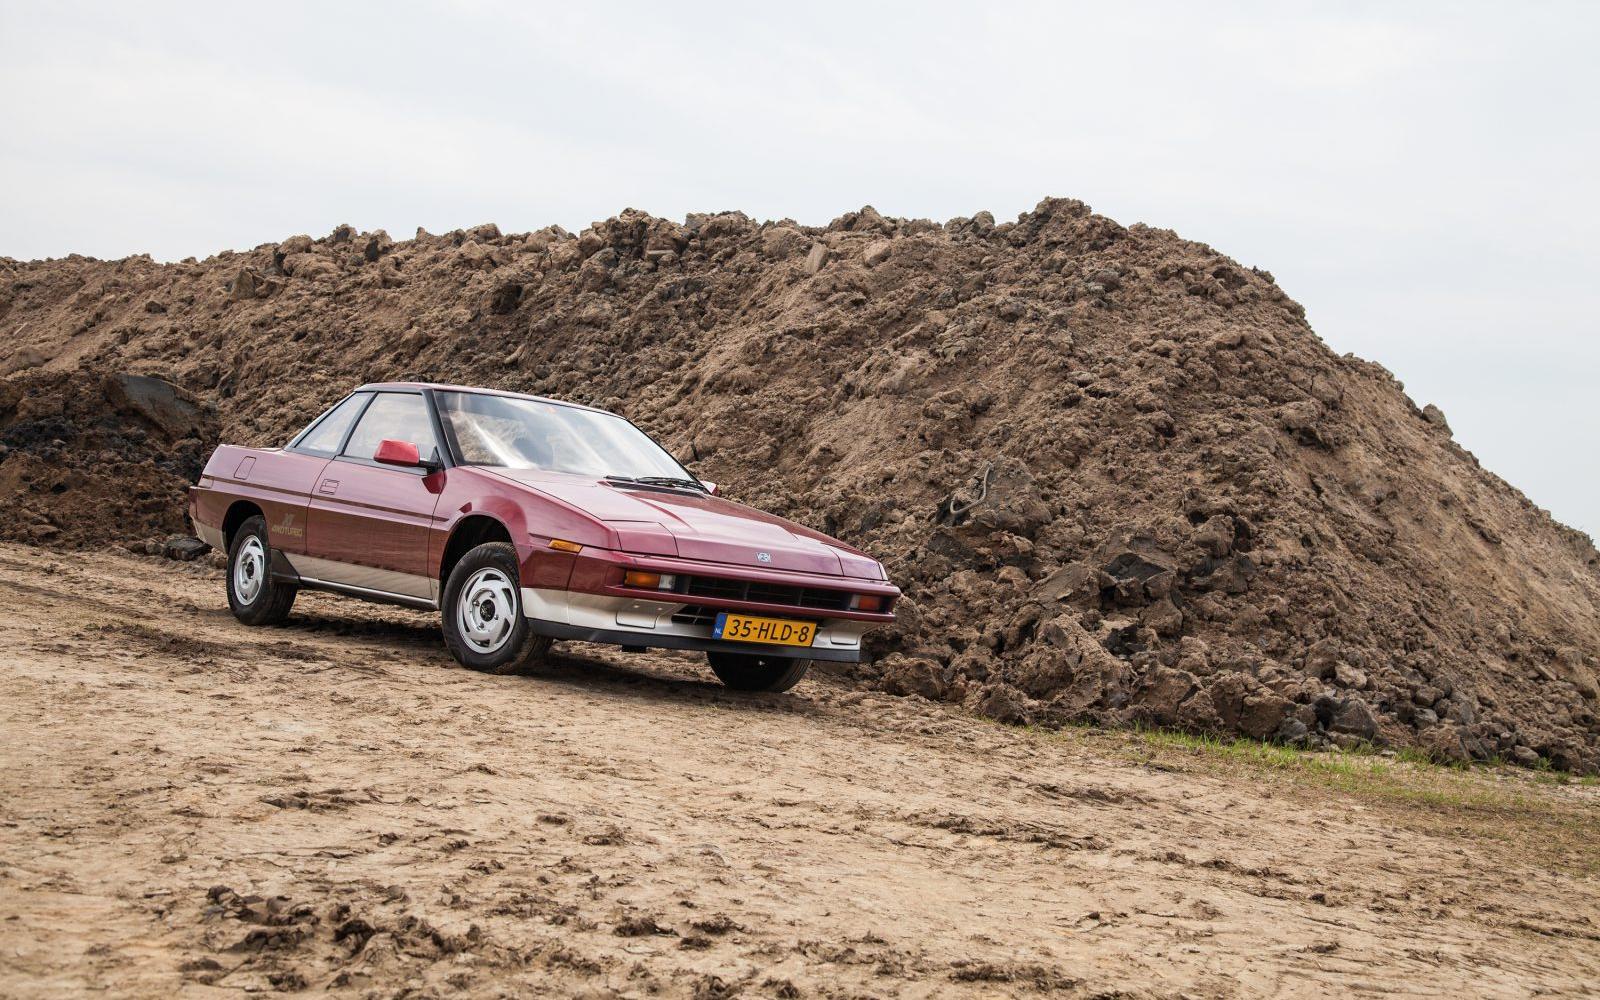 Waarom de Subaru XT eighties verantwoord is